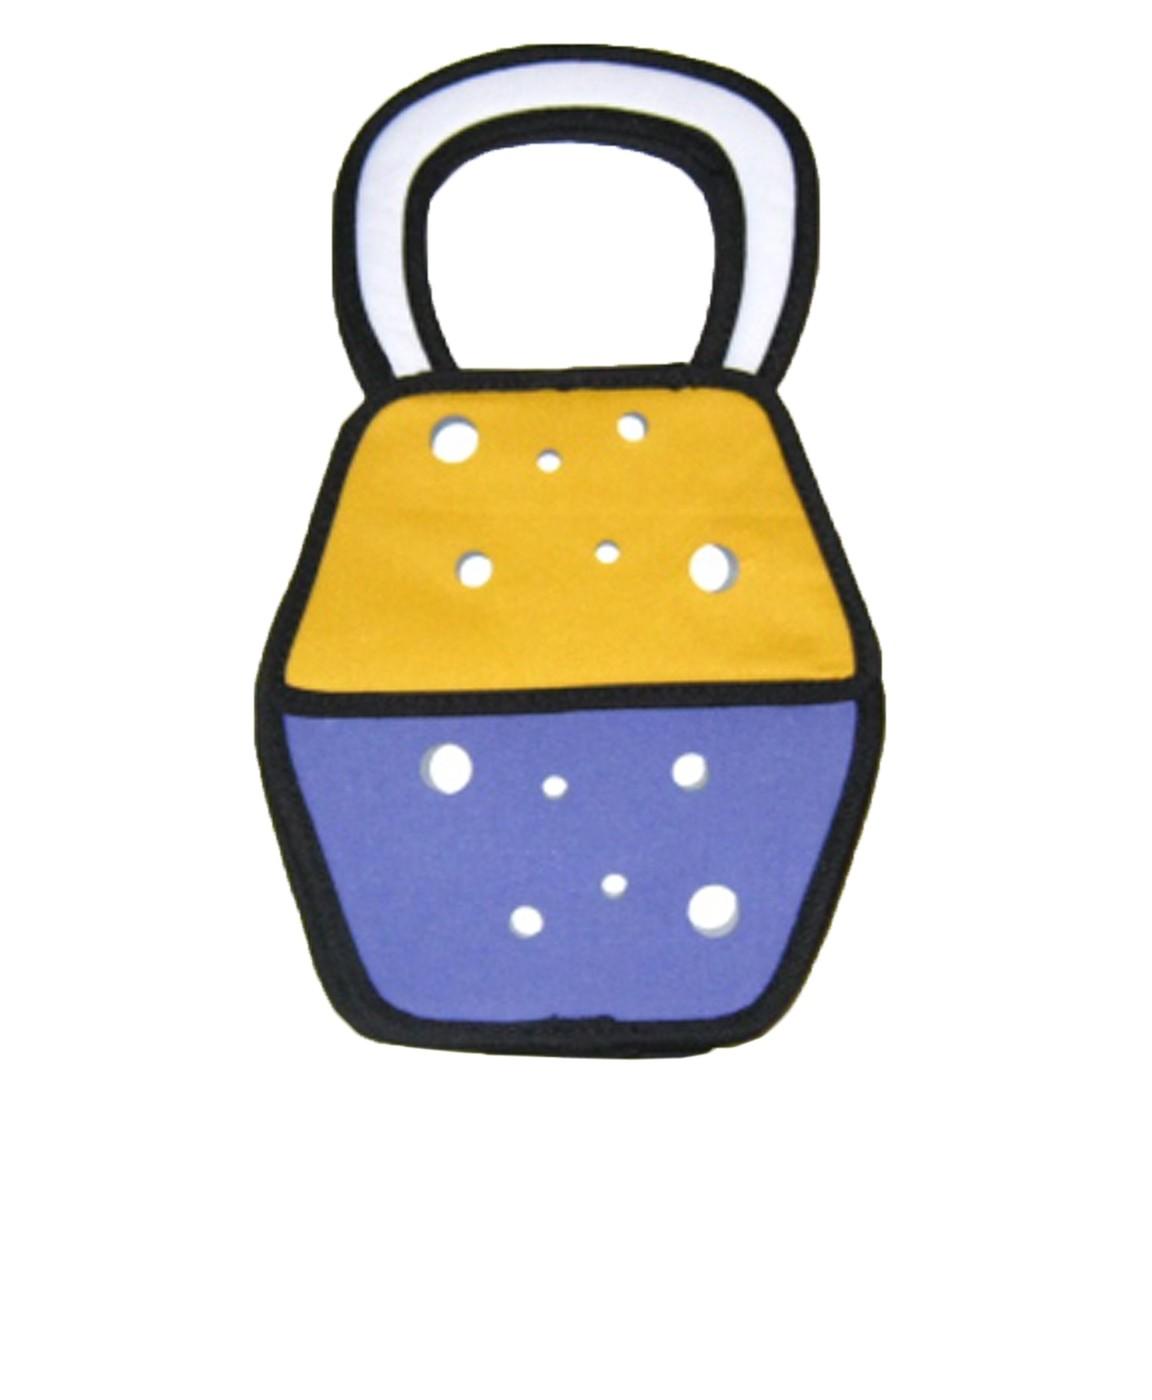 Сумка Мультик, фиолетово-желтая